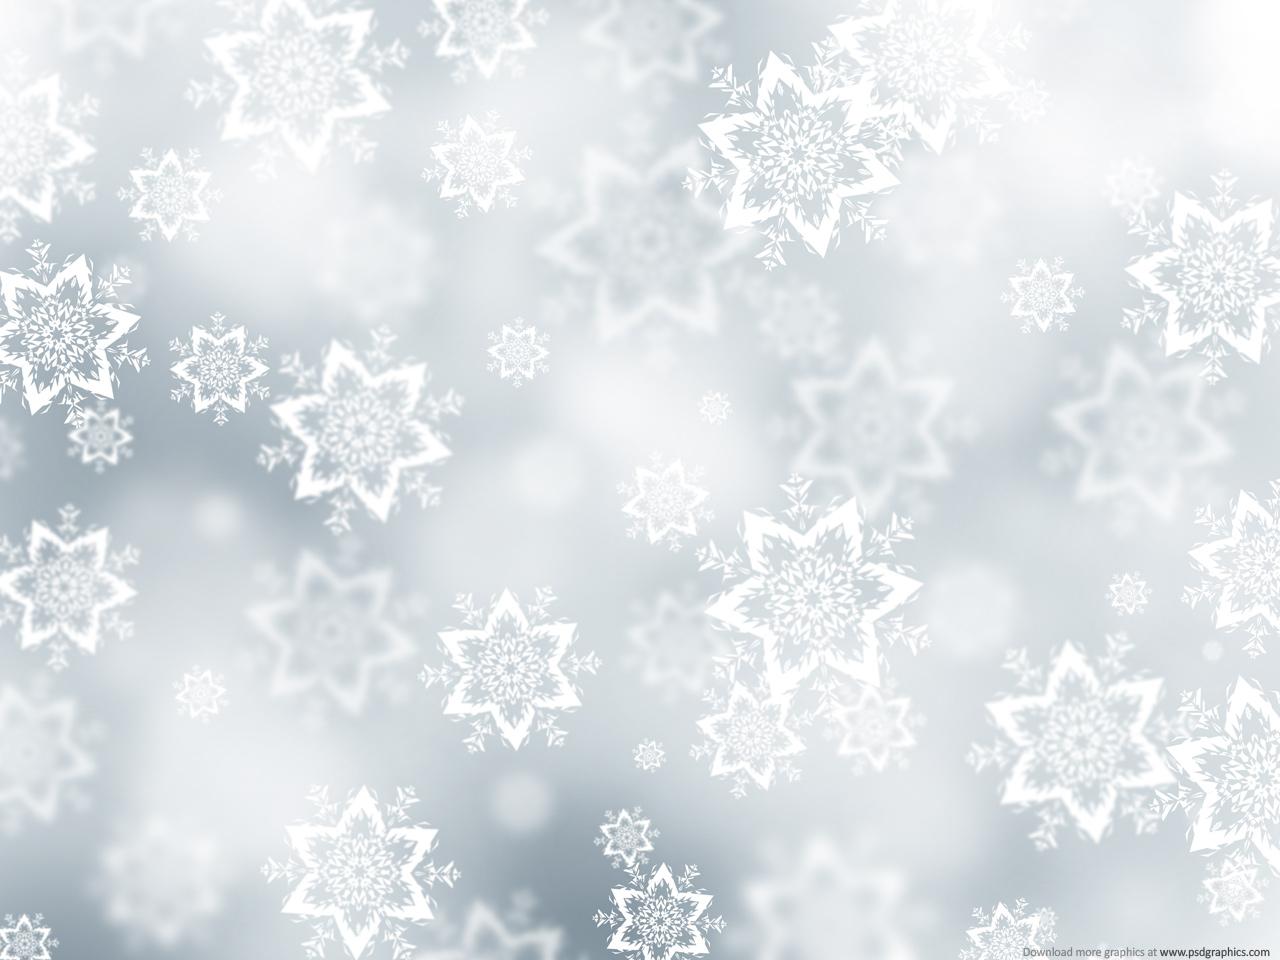 gallatin speedway christmas snow background jpg